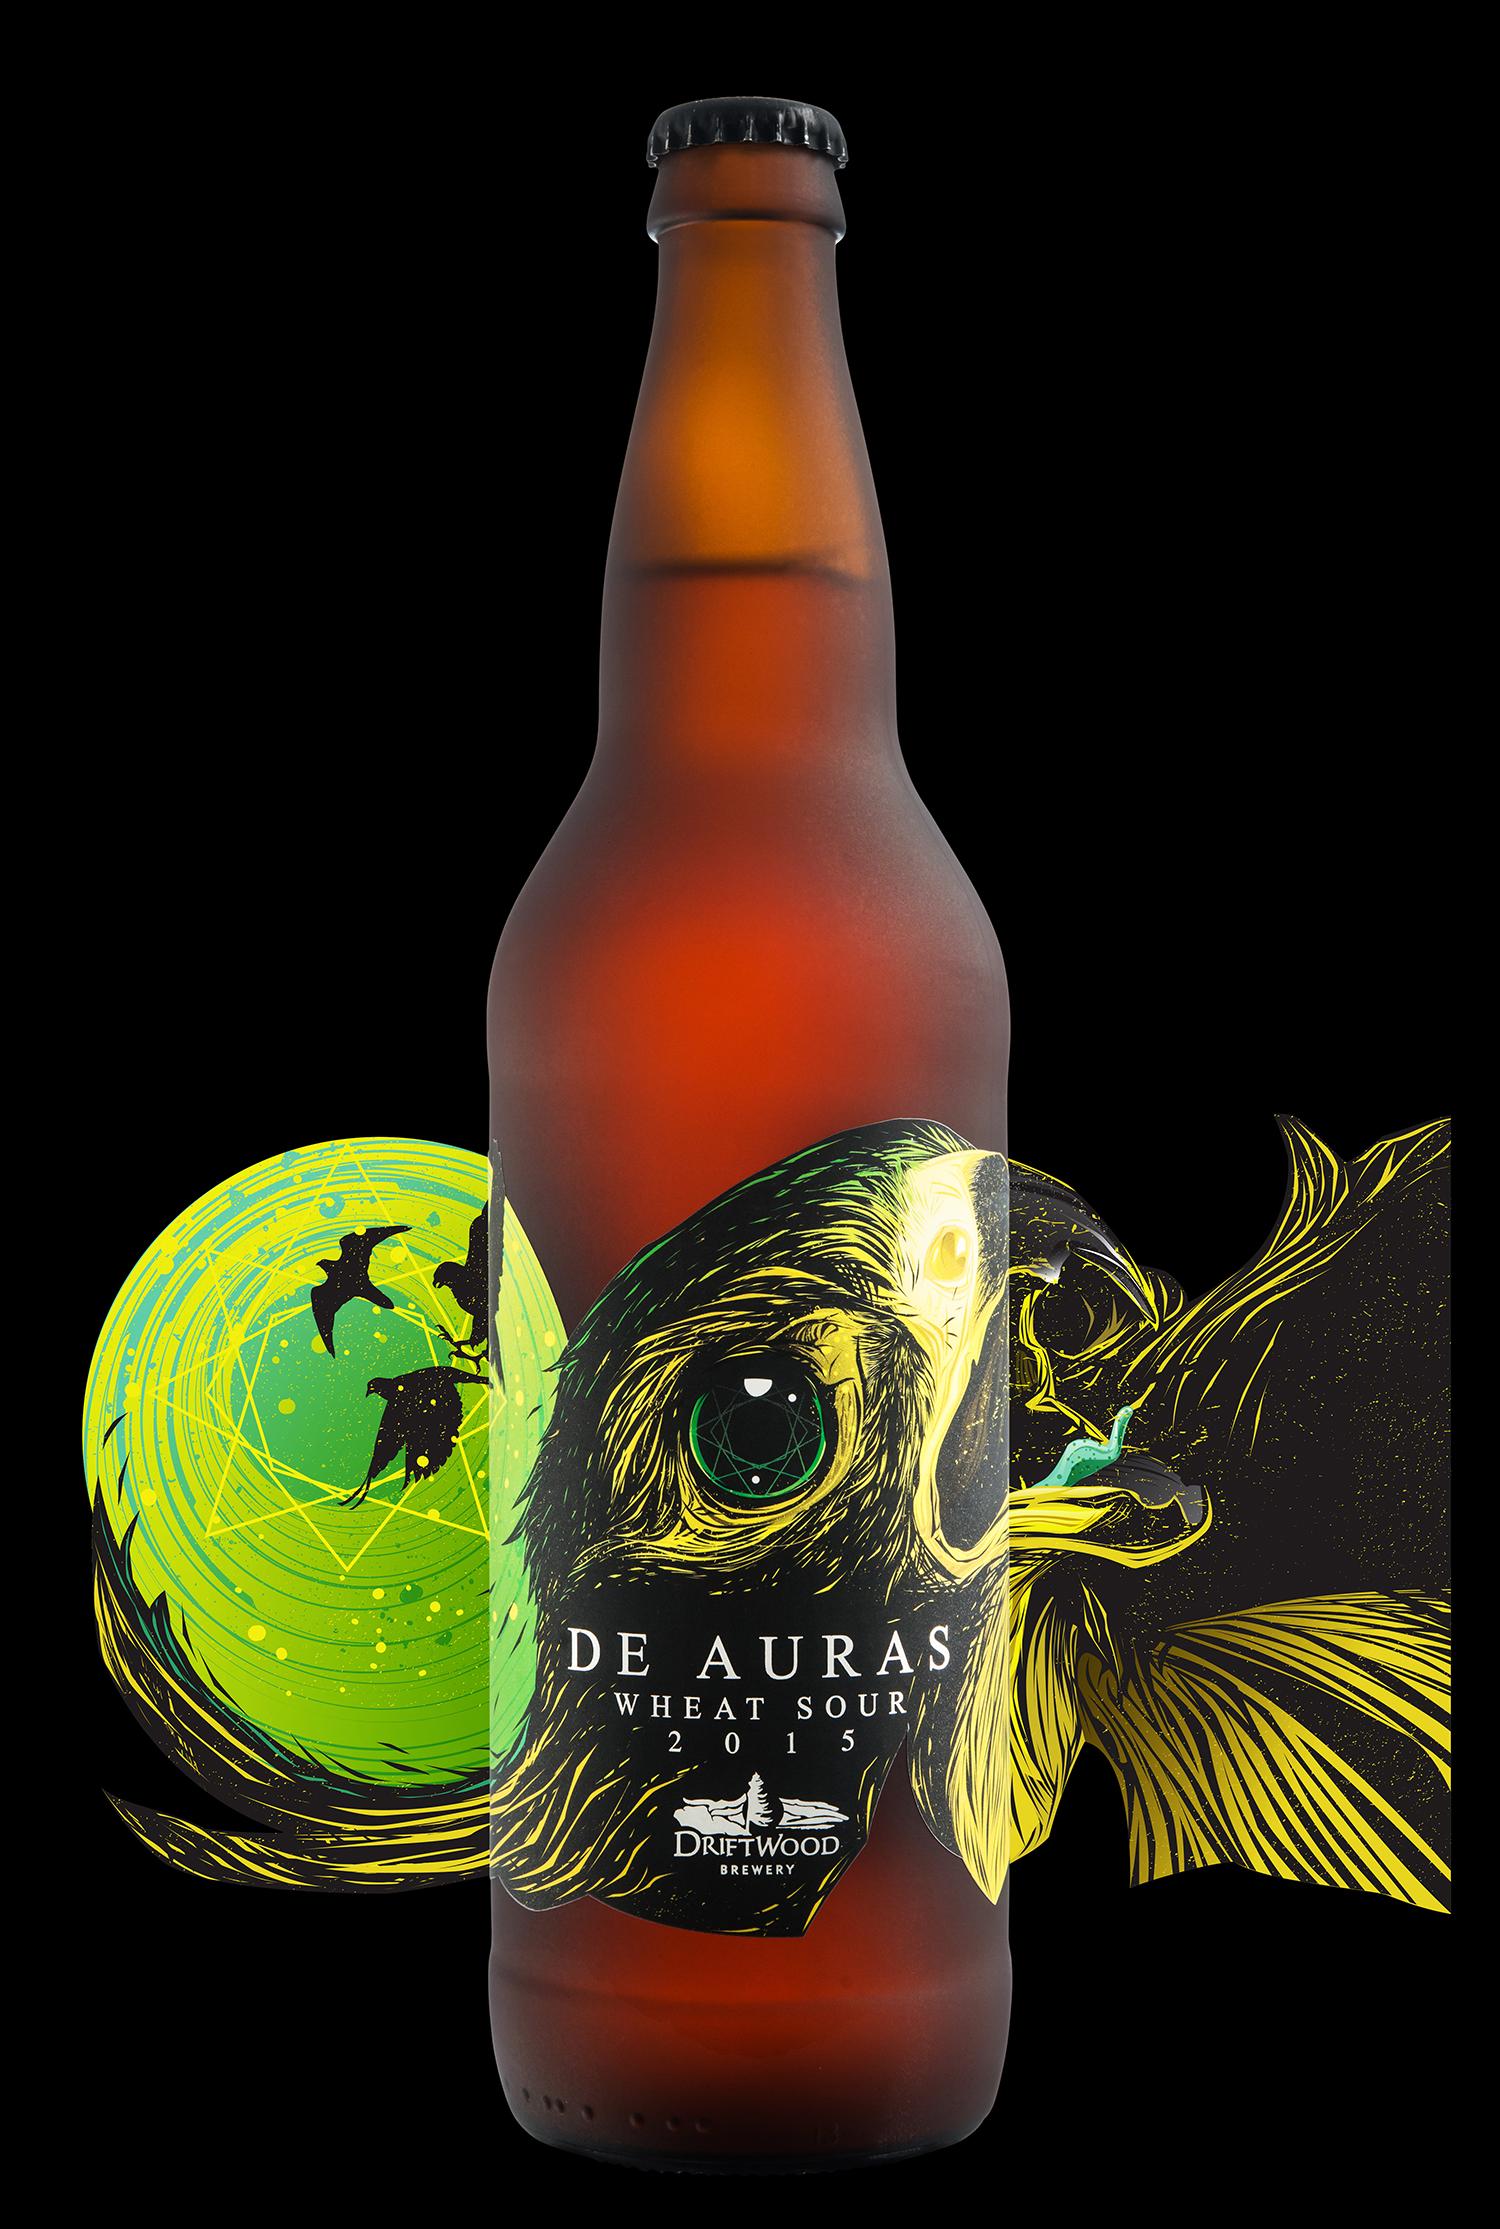 Packaging Design for Driftwood Brewery's De Auras Wheat Sour